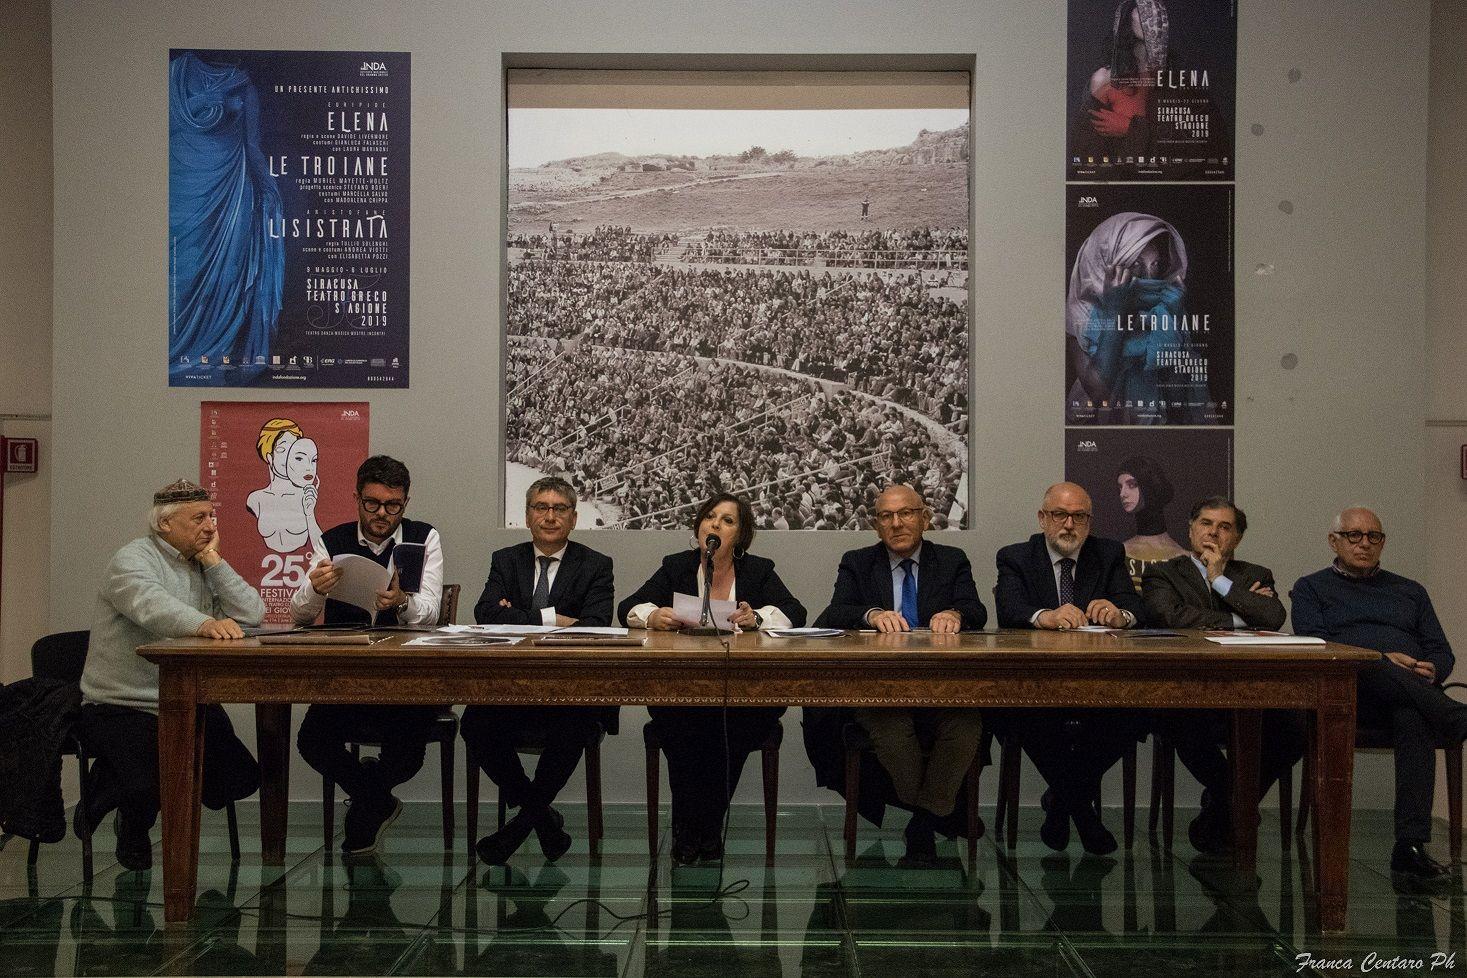 Festival dei Giovani a Palazzolo Acreide: oltre 2500 studenti da tutto il mondo